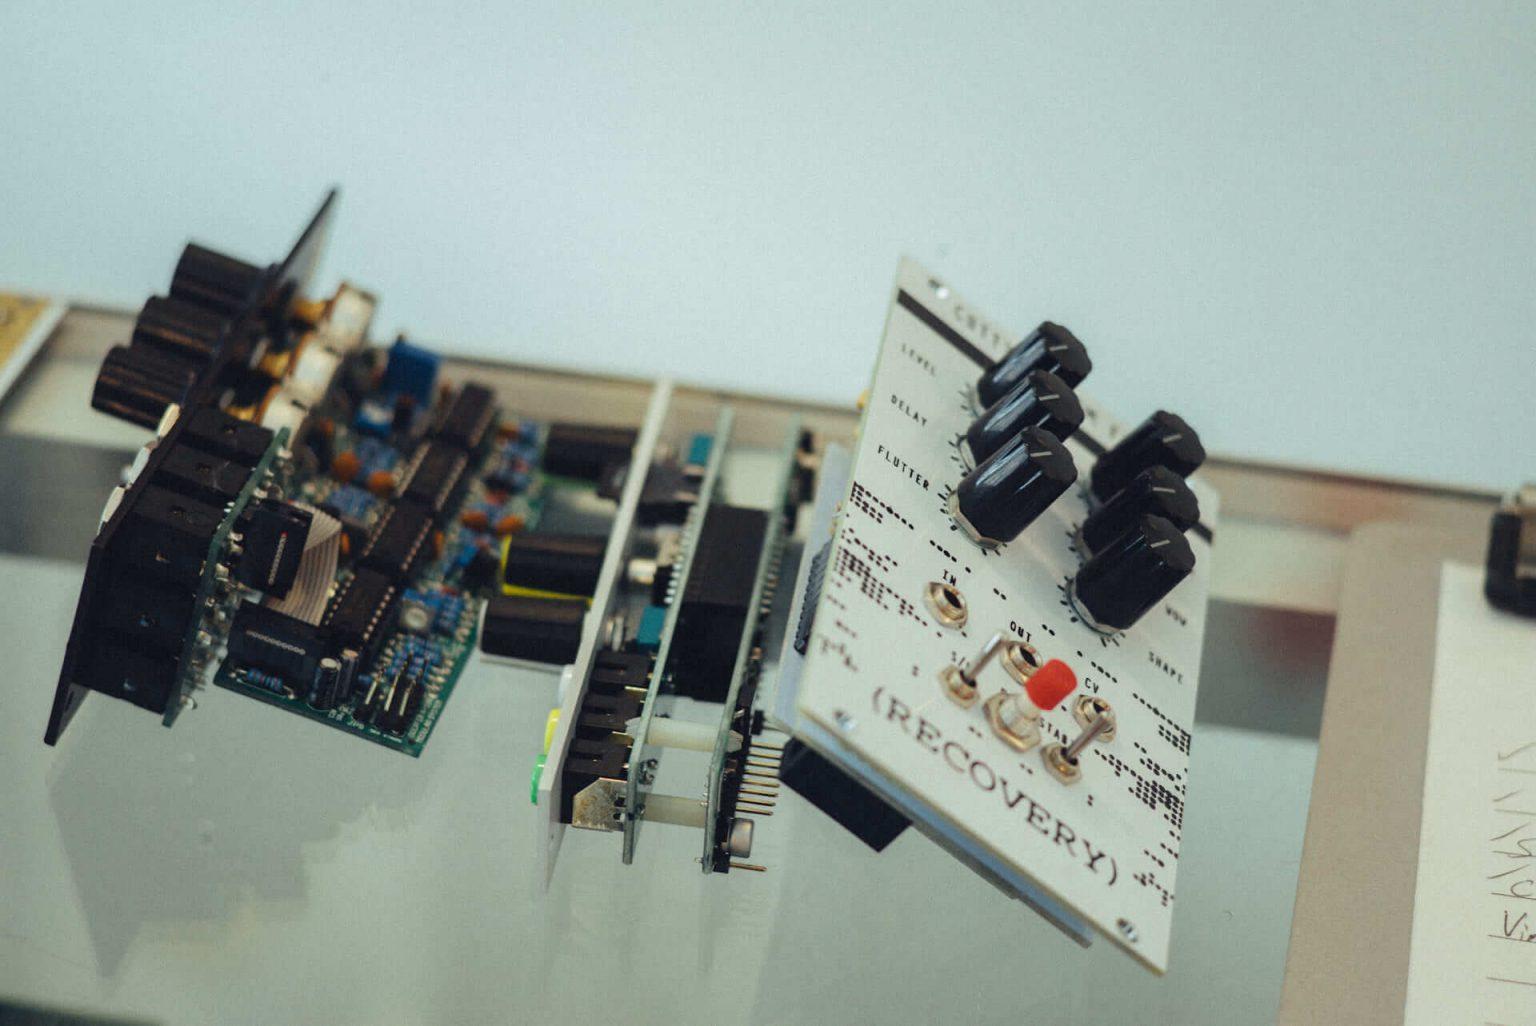 """8_2220_AT_Control-1440x962 """"0から1のあいだの無限""""を、感覚的に感情的に音にする。モジュラーシンセサイザー専門店「Control」"""